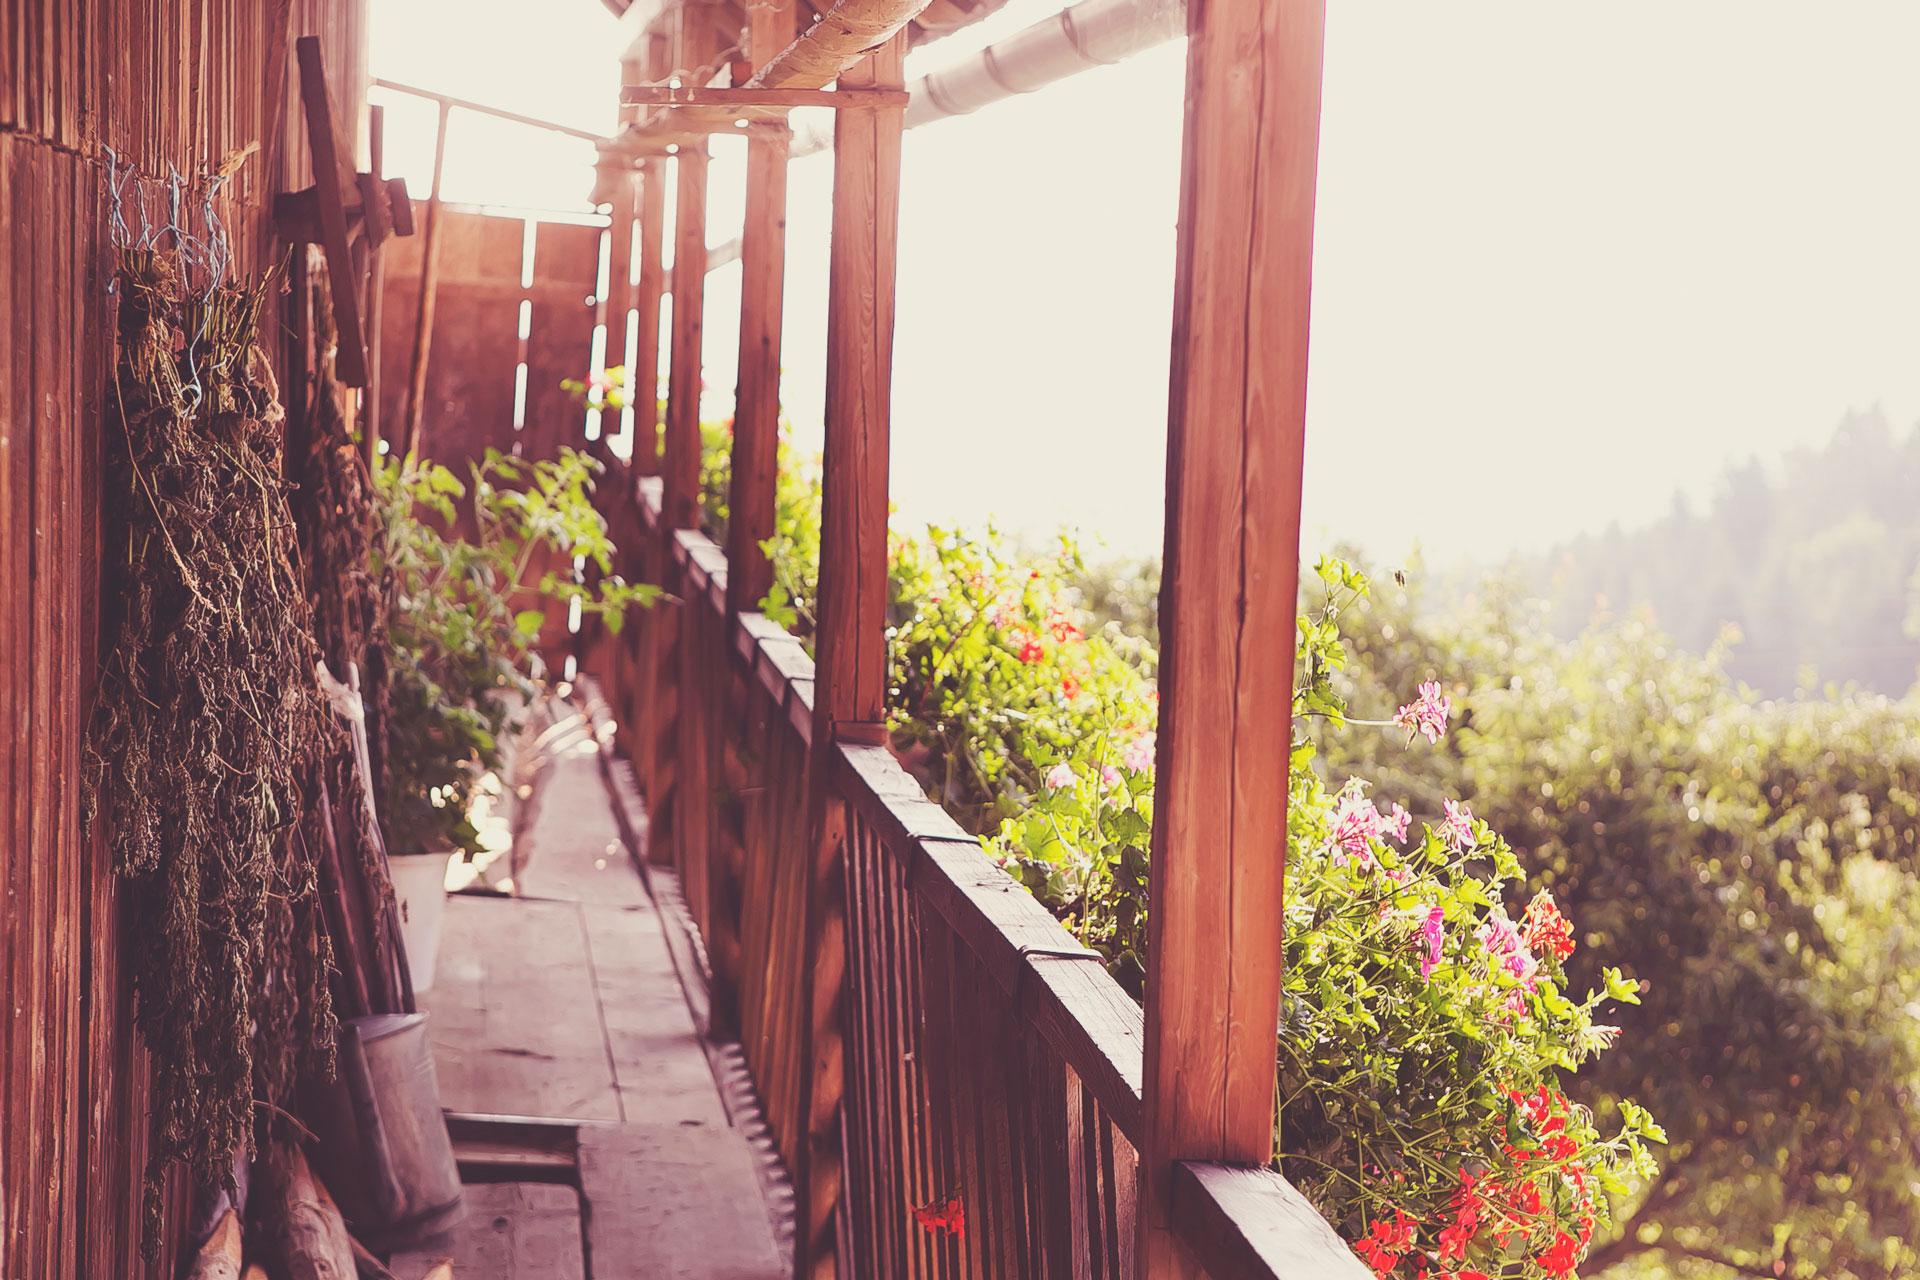 Balkon-Gallerie am Leitenbauernhof